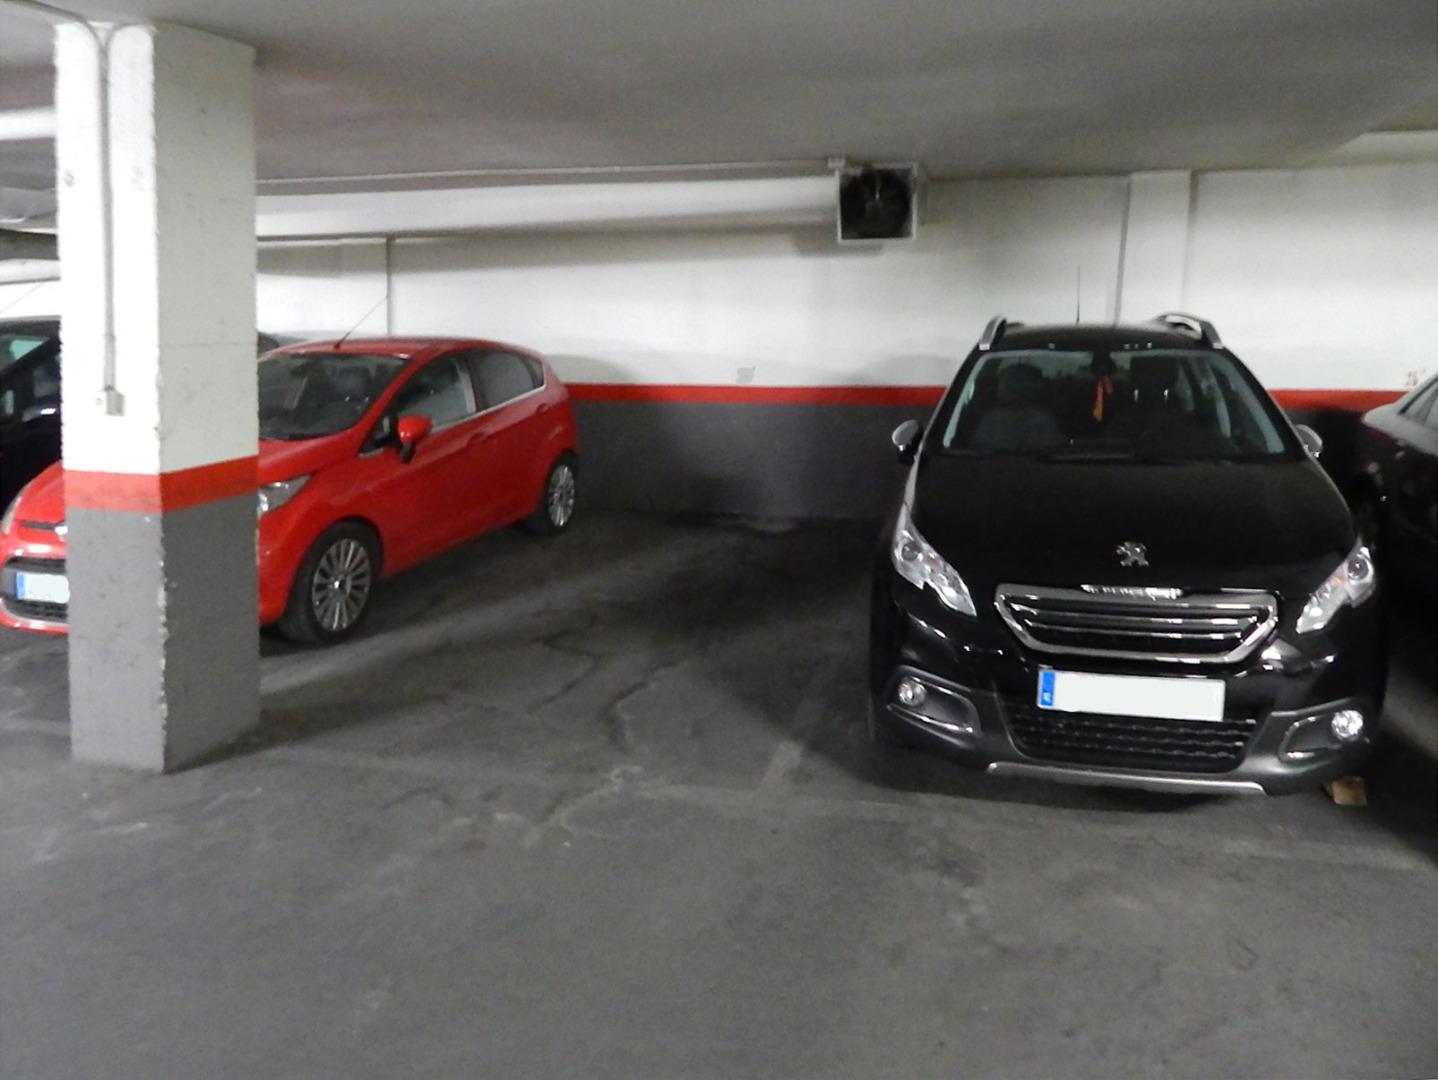 Affitto Posto auto  Torrent - zona avenida al vedat. Adaix alquila plaza de garage. zona plaza de los juzgados